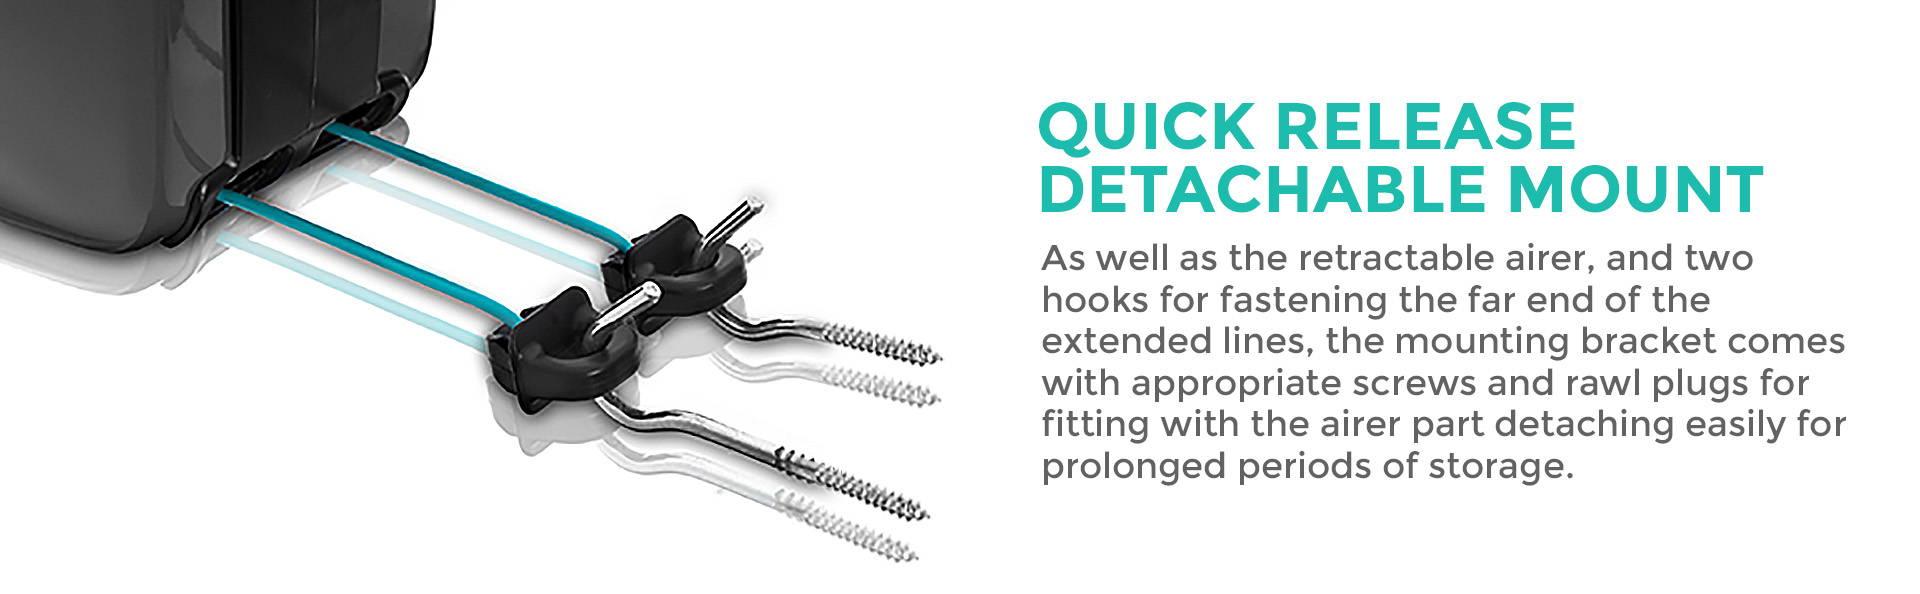 Quick-release detachable mount